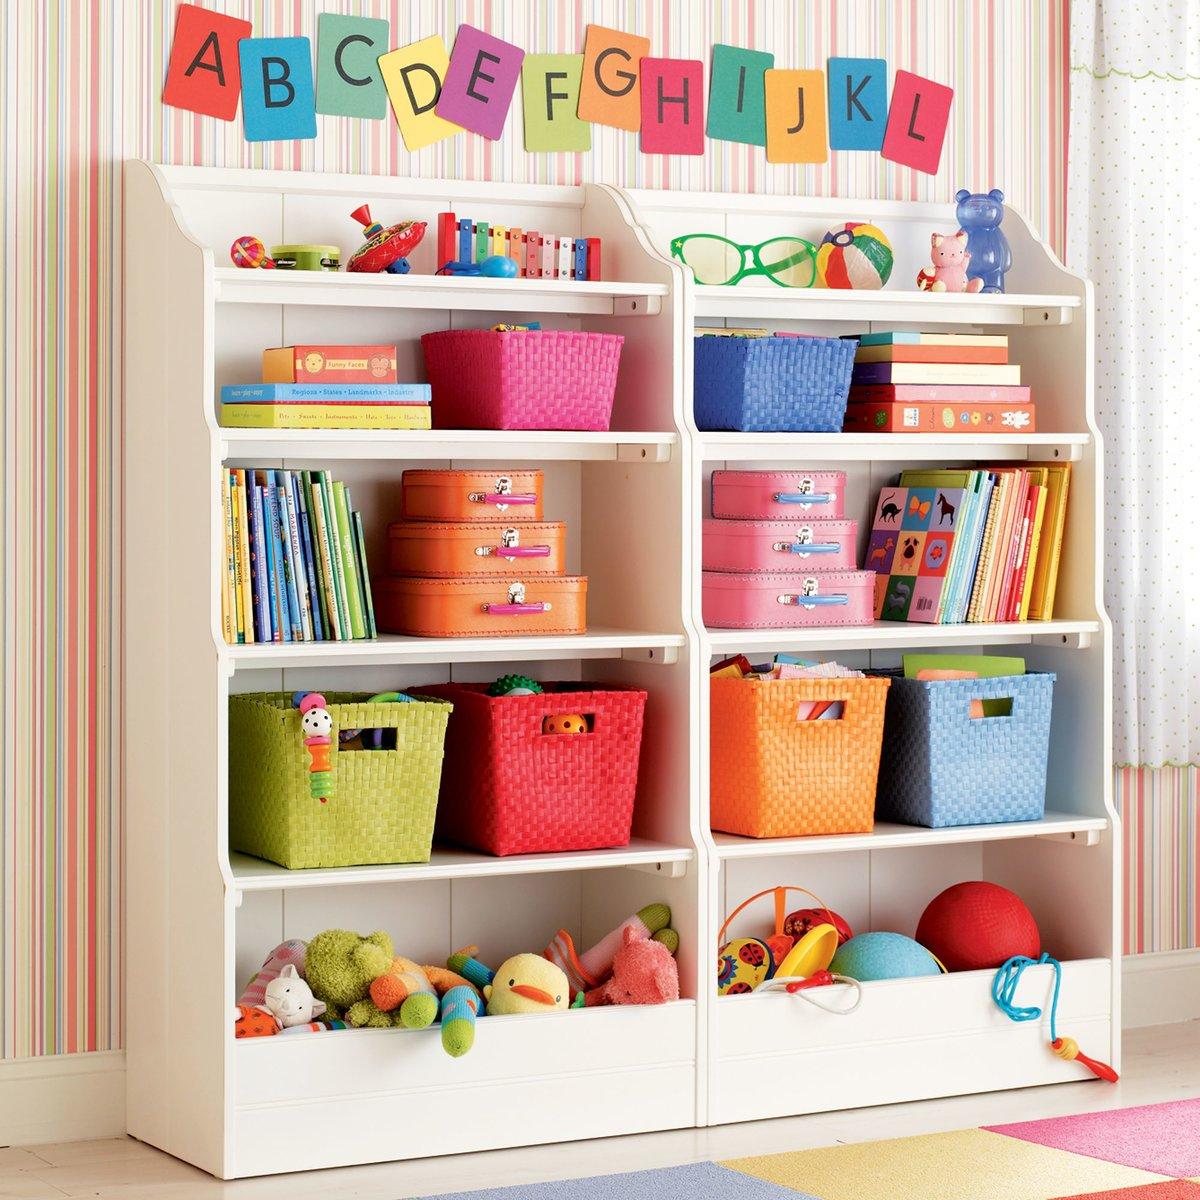 Стеллаж для хранения игрушек своими руками 6362